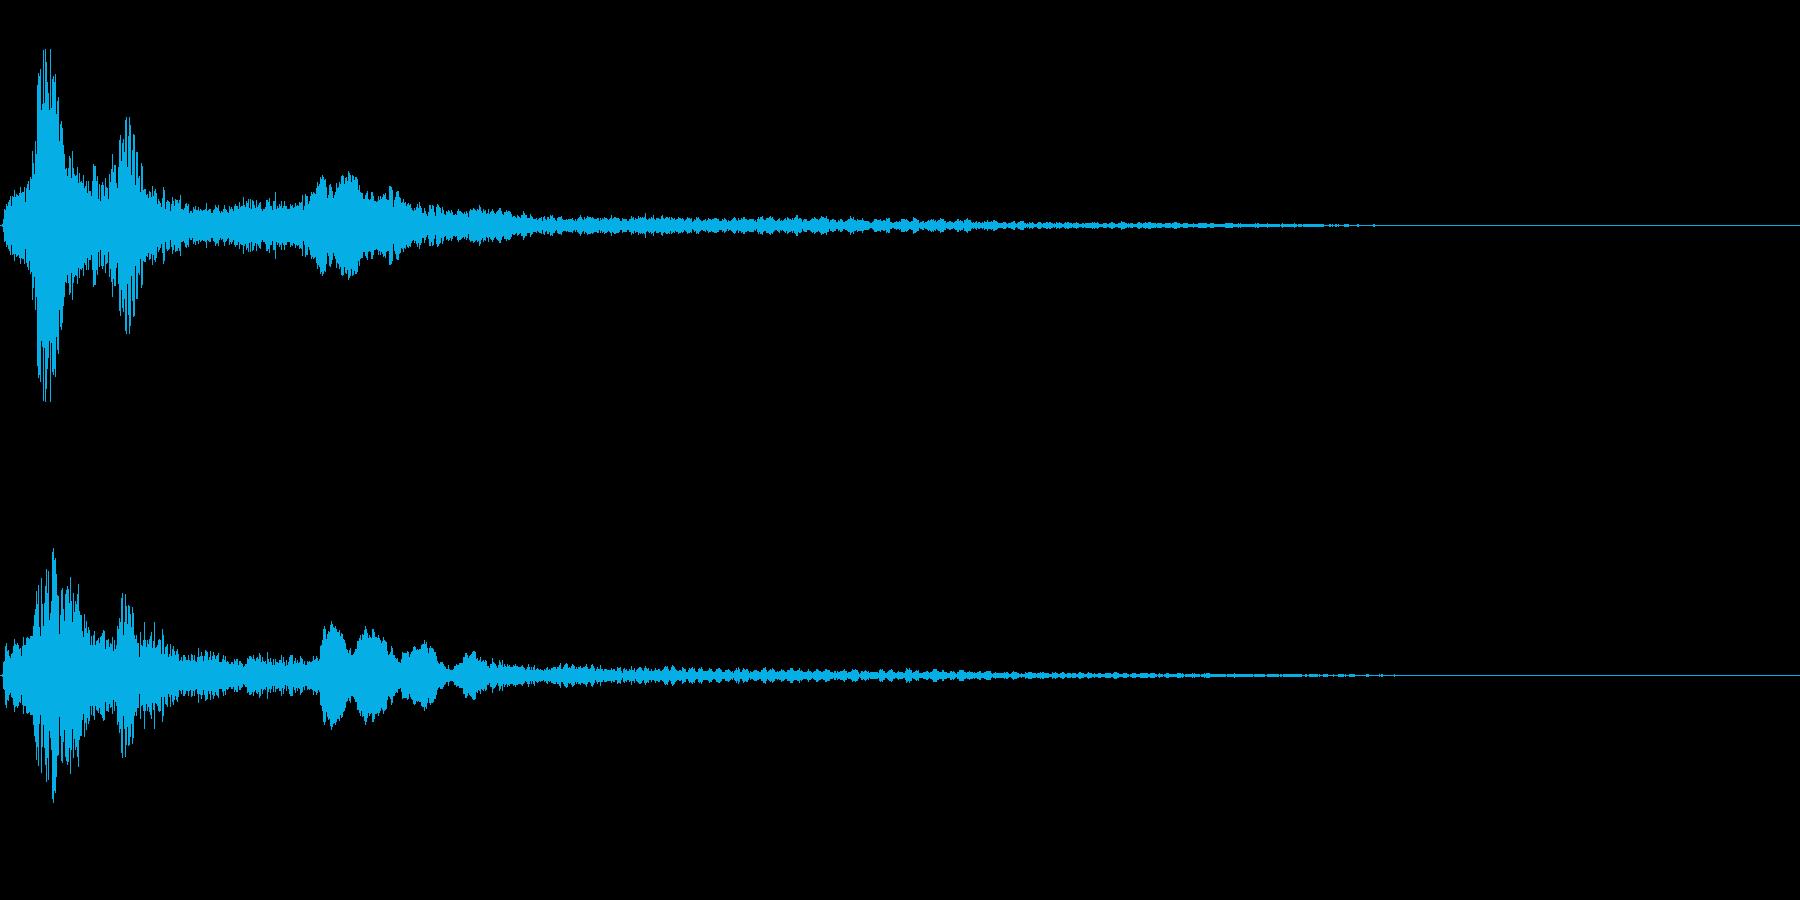 サスペンスに最適!ピアノの弦を弄ぶ音53の再生済みの波形